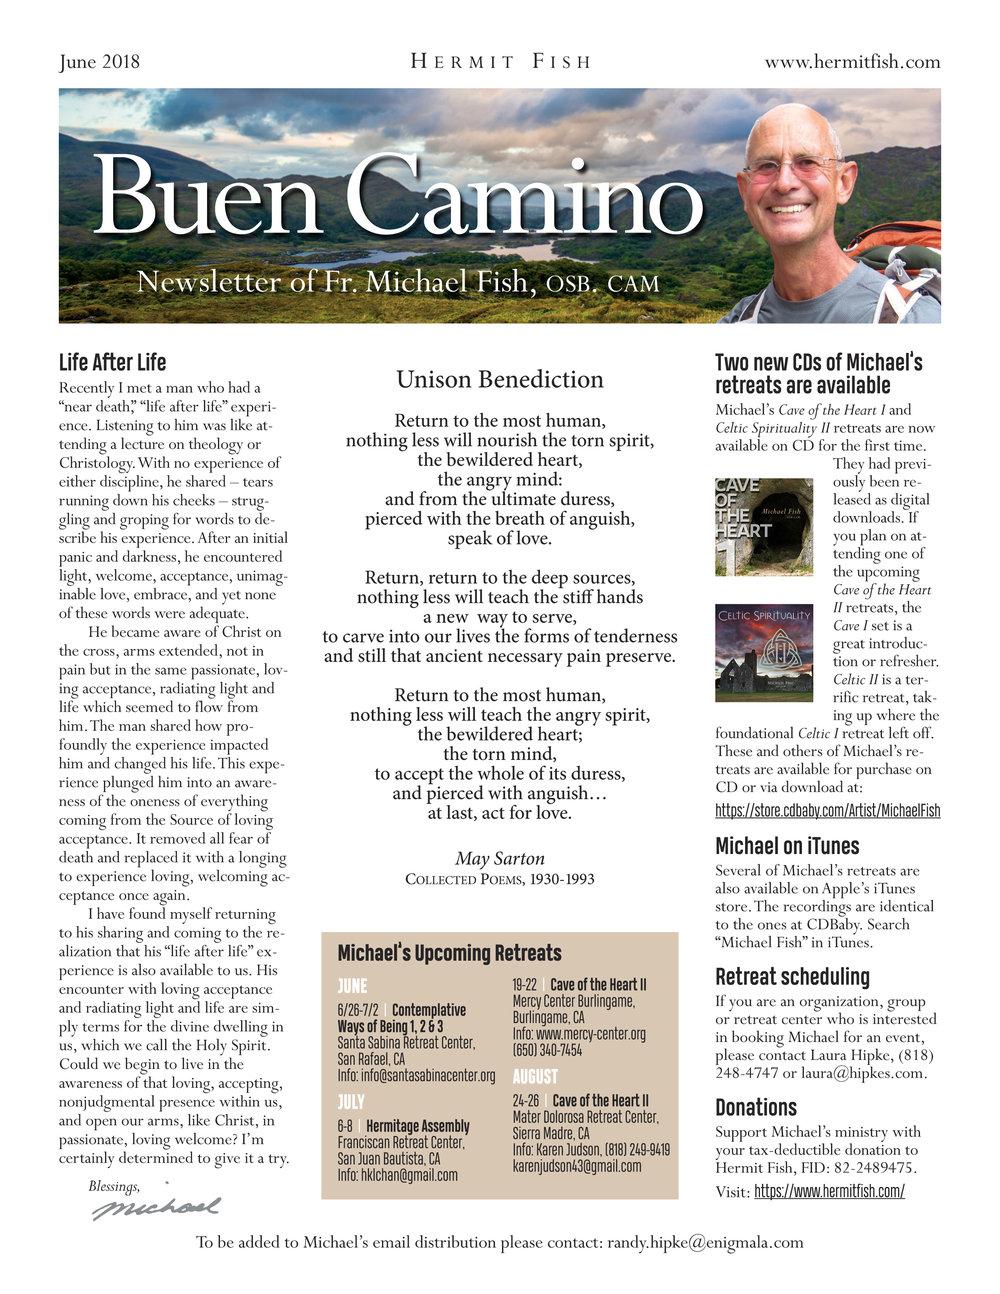 Buen Camino June 2018.jpg